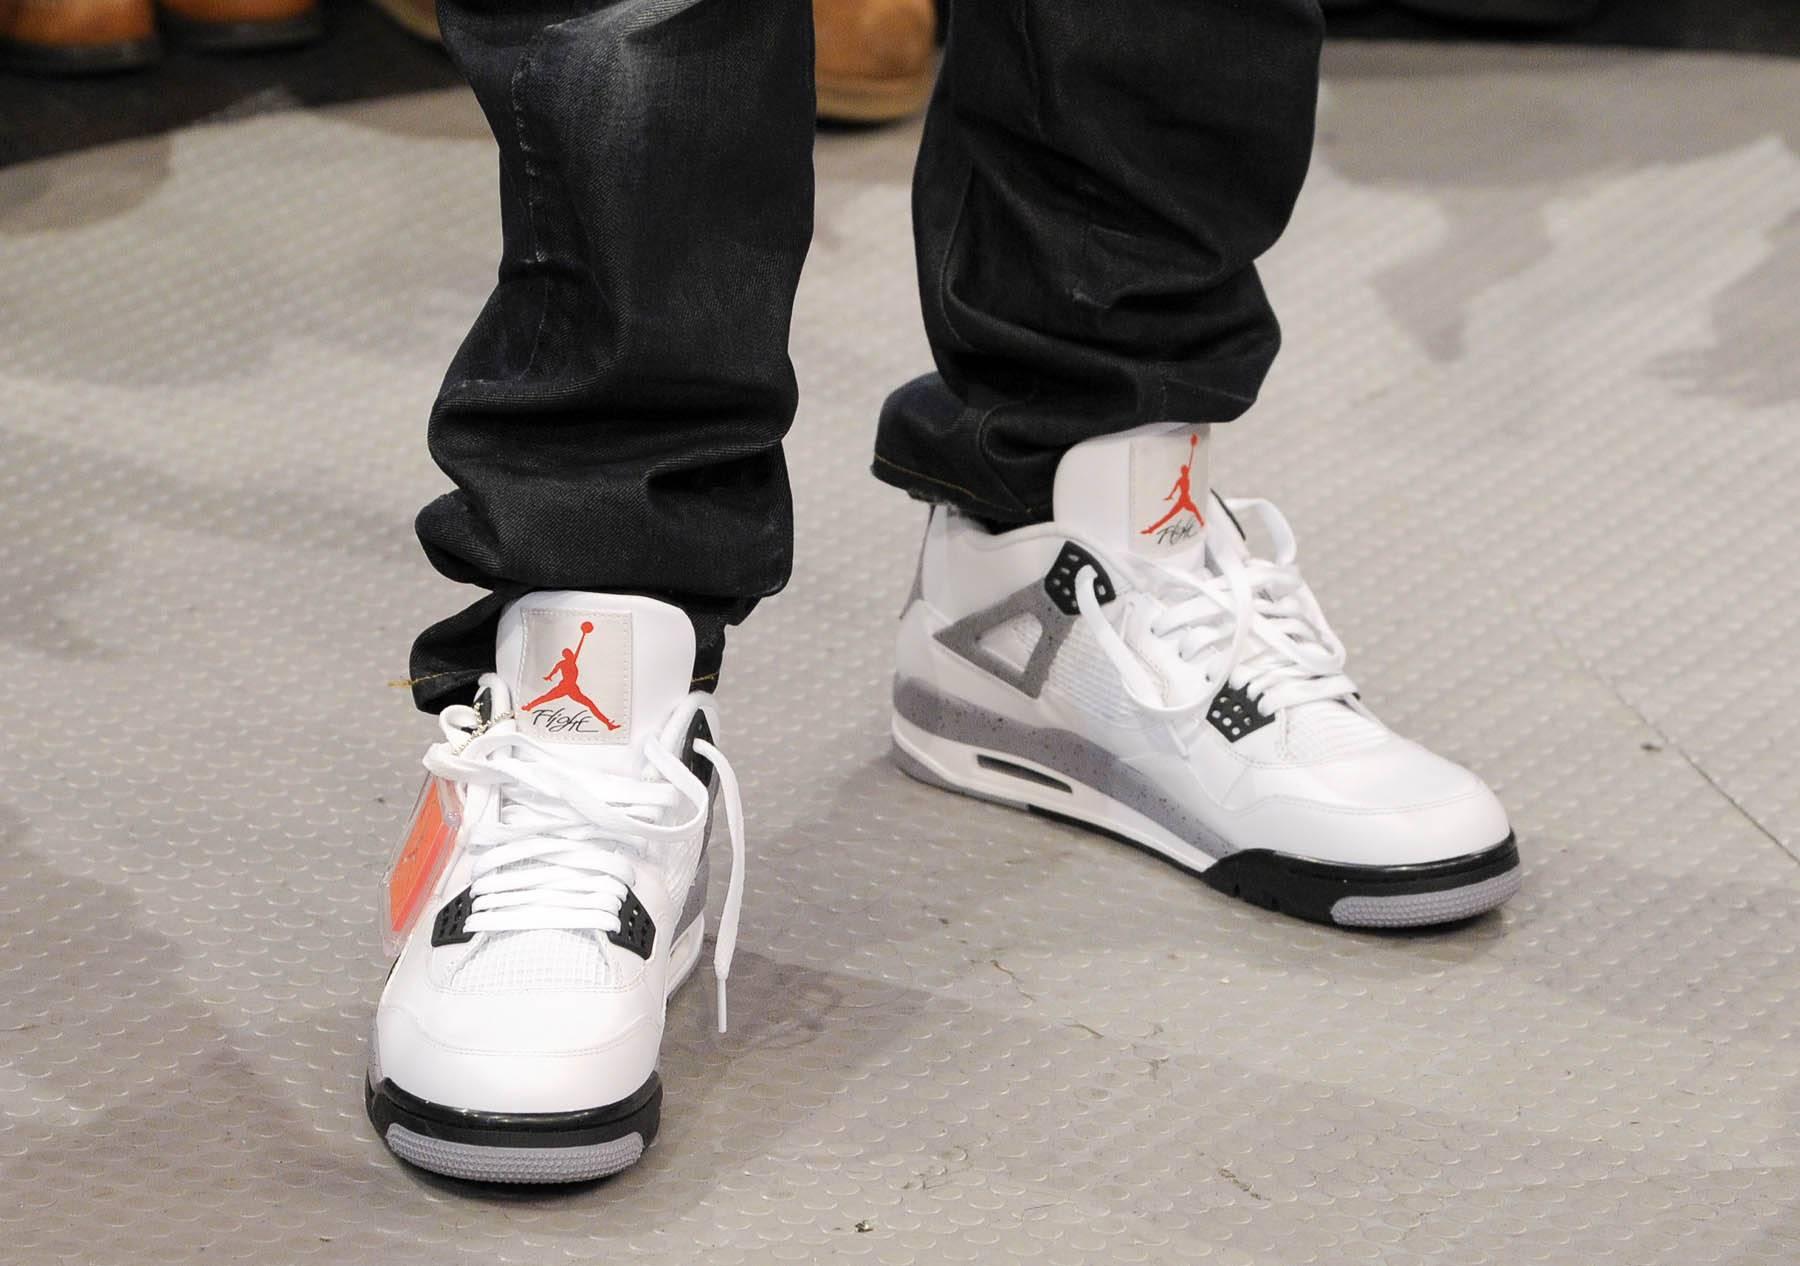 I Love My Kicks - Terrence J at 106 & Park, January 27, 2012. (Photo: John Ricard / BET)